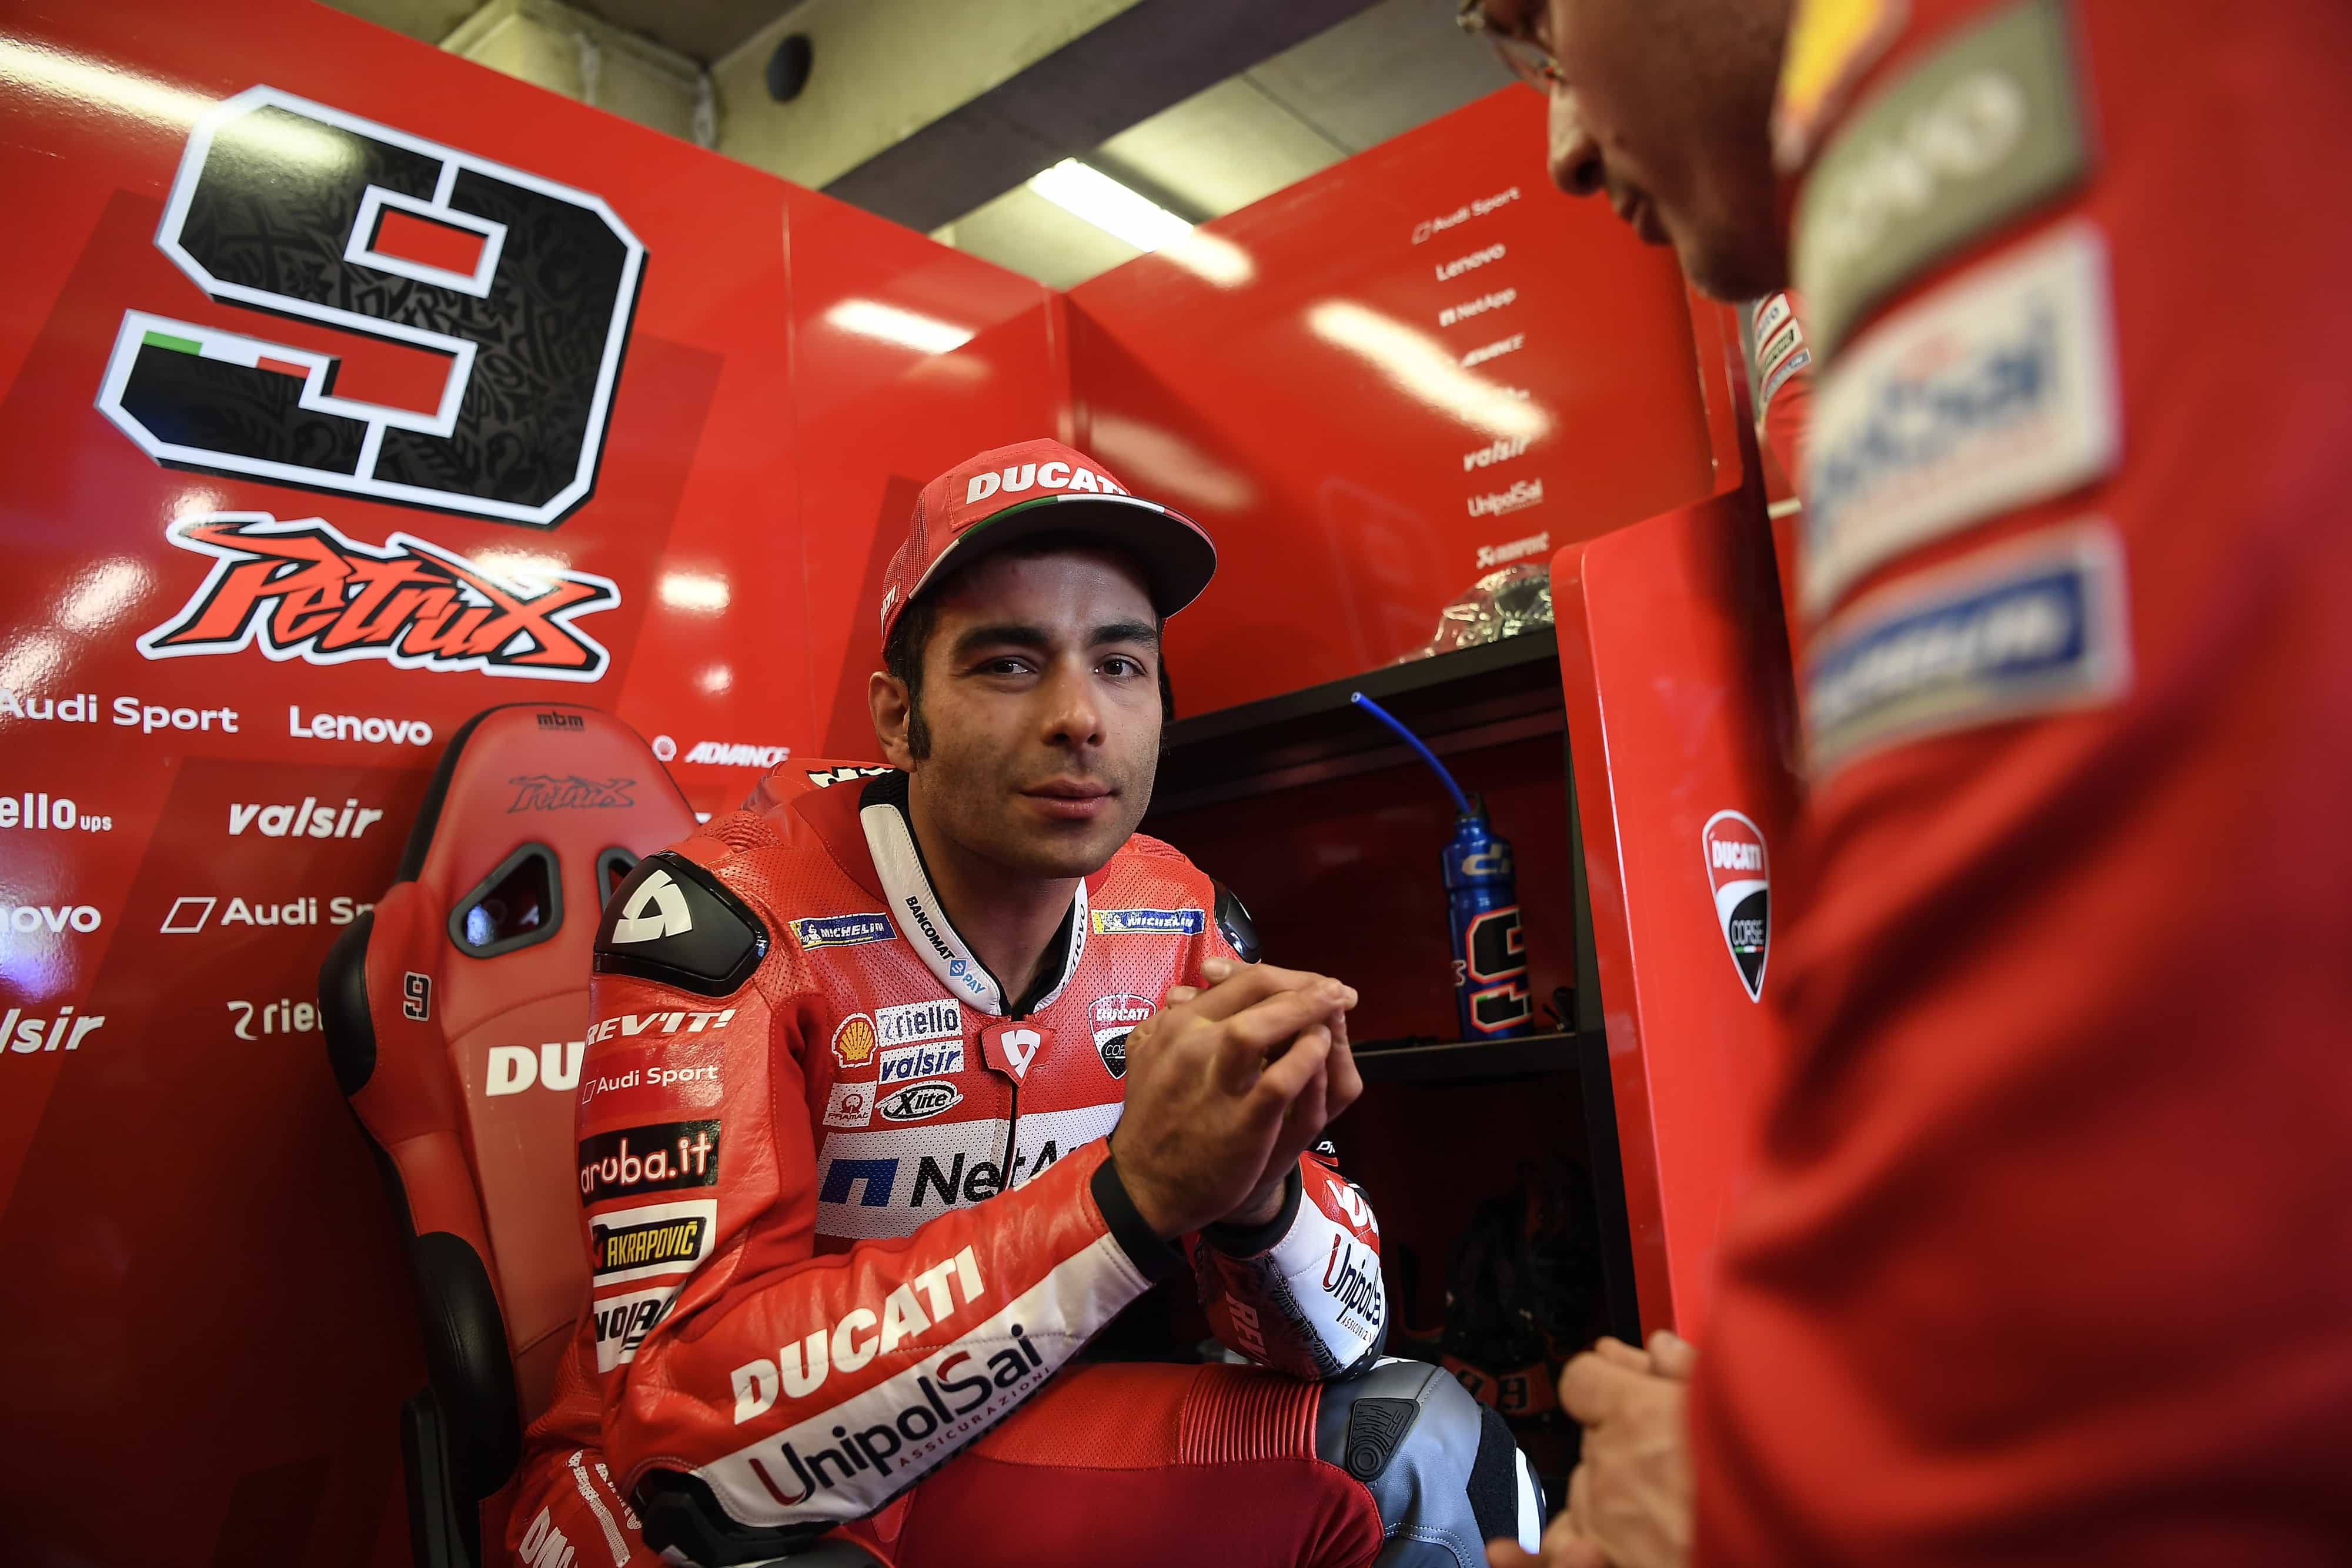 MotoGP2019フランスGP ペトルッチ「予選でスピードを発揮してレースで強みを活かしたい」